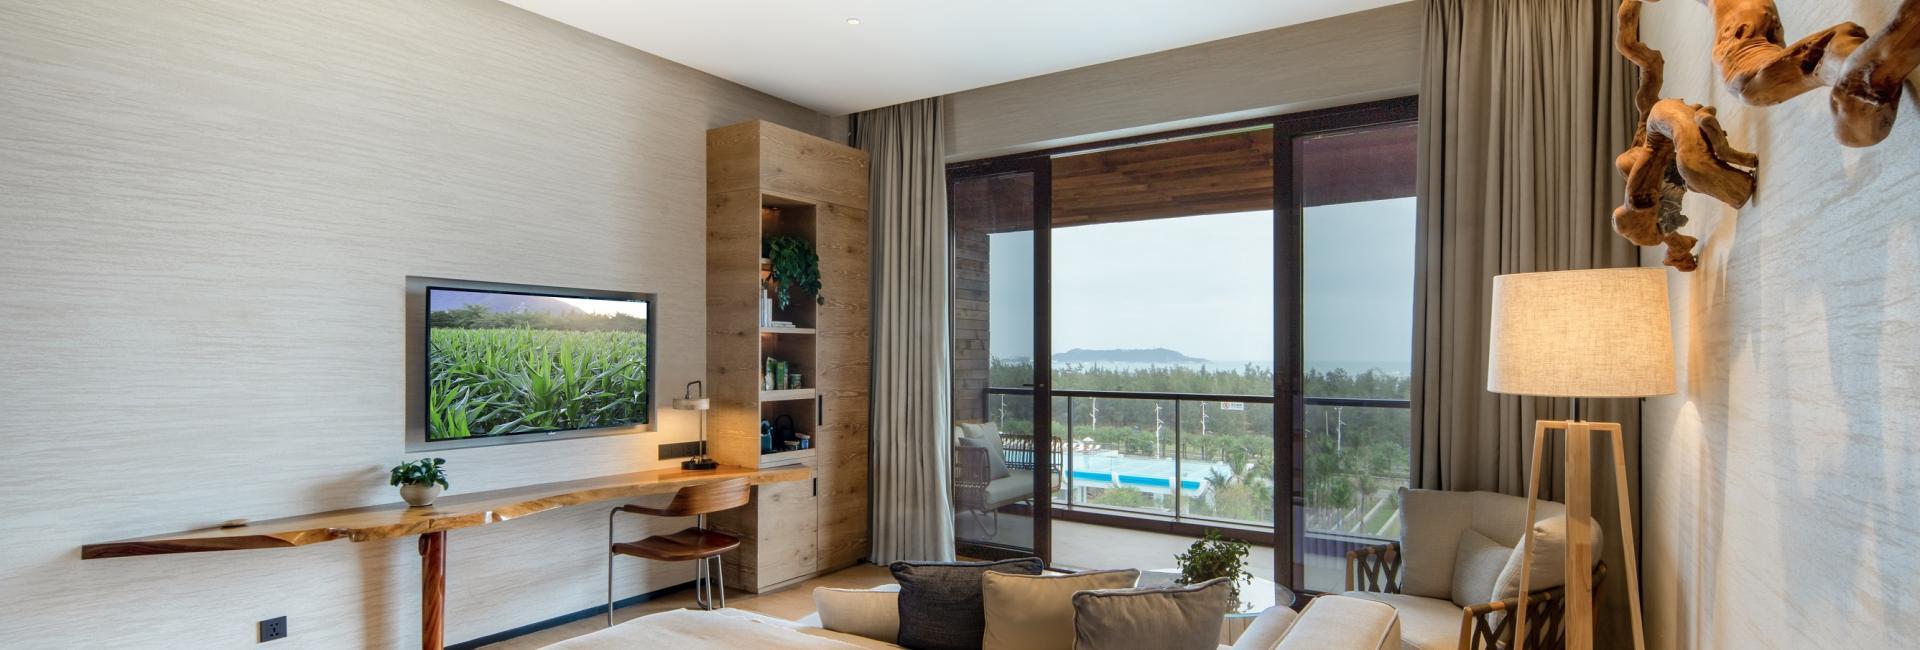 Ocean Pool View Room 海景泳池景观客房